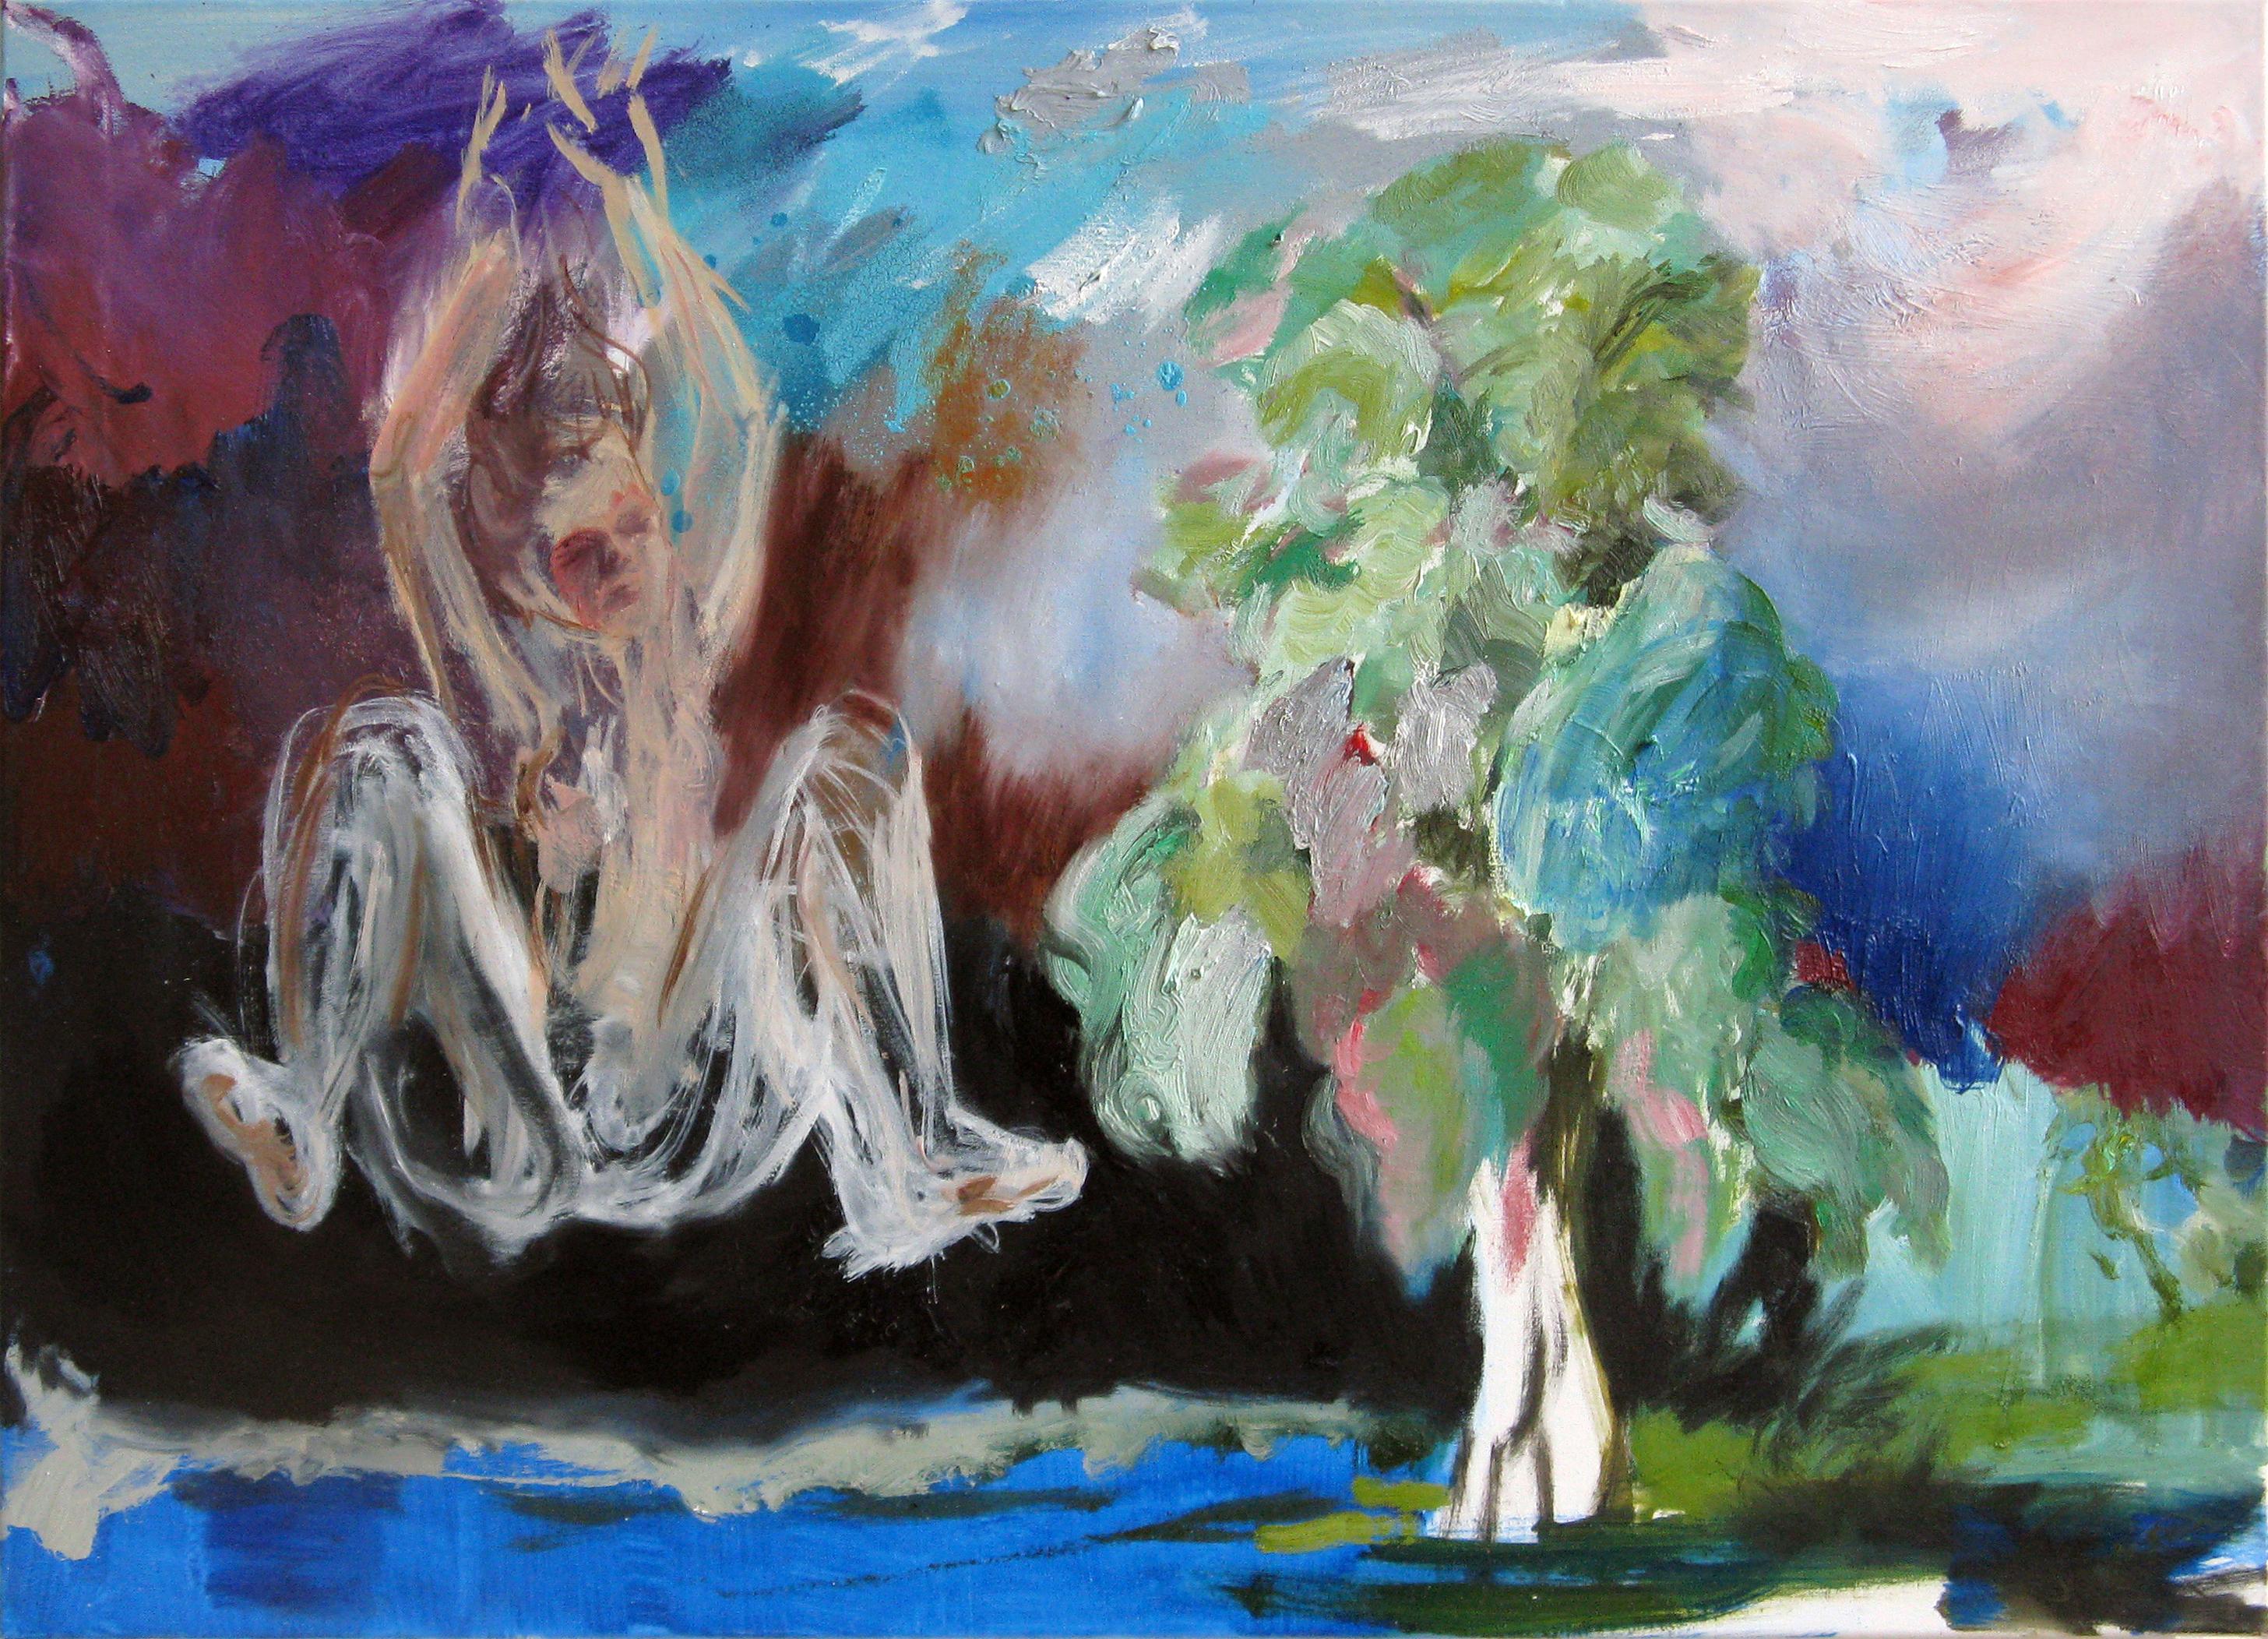 Falling | Öl und Spraydose auf Leinwand, 50 x 70 cm, 2010